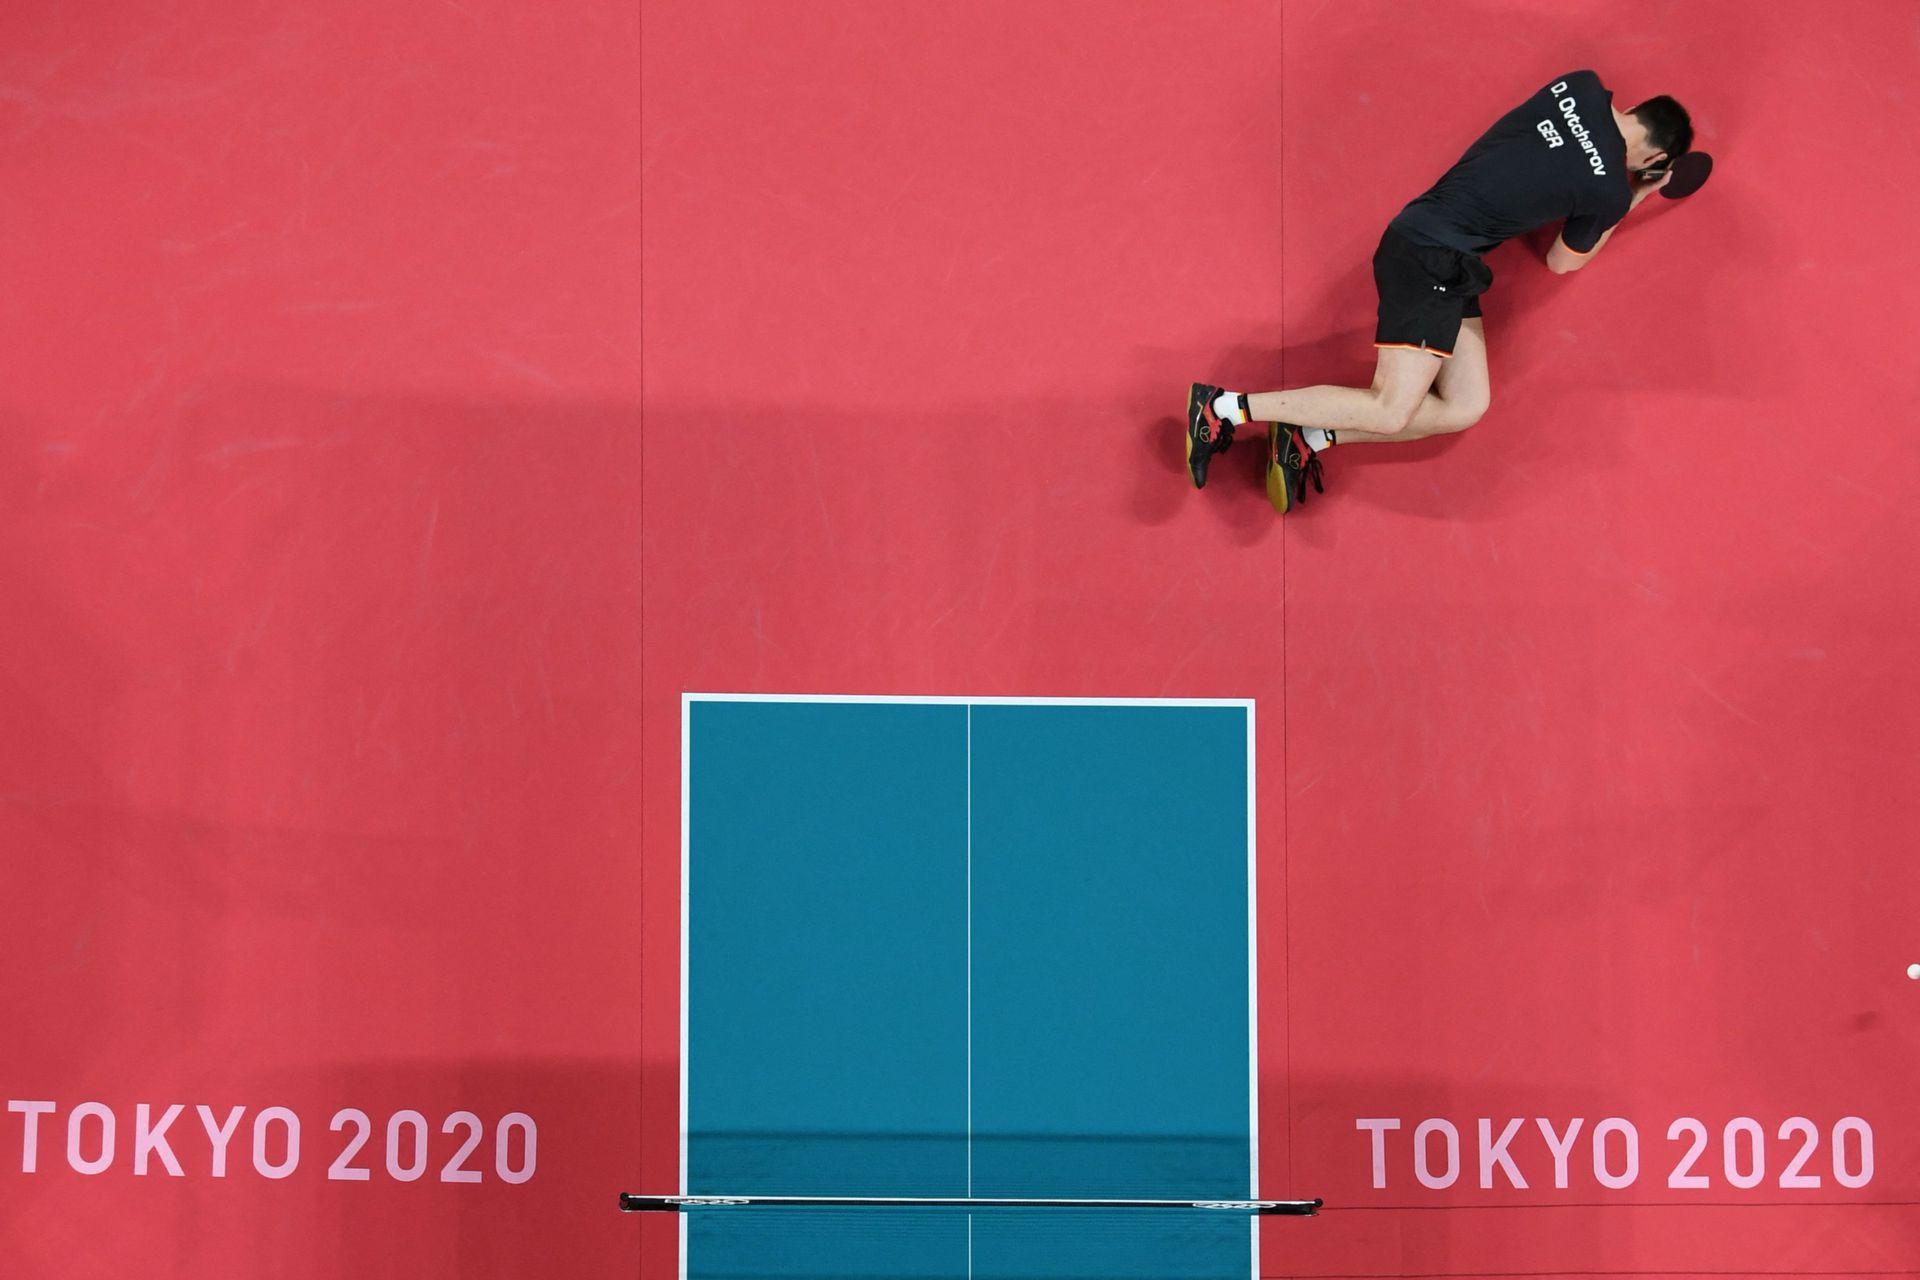 El alemán Dimitrij Ovtcharov cae ante Ma Long de China en las semifinales de tenis de mesa